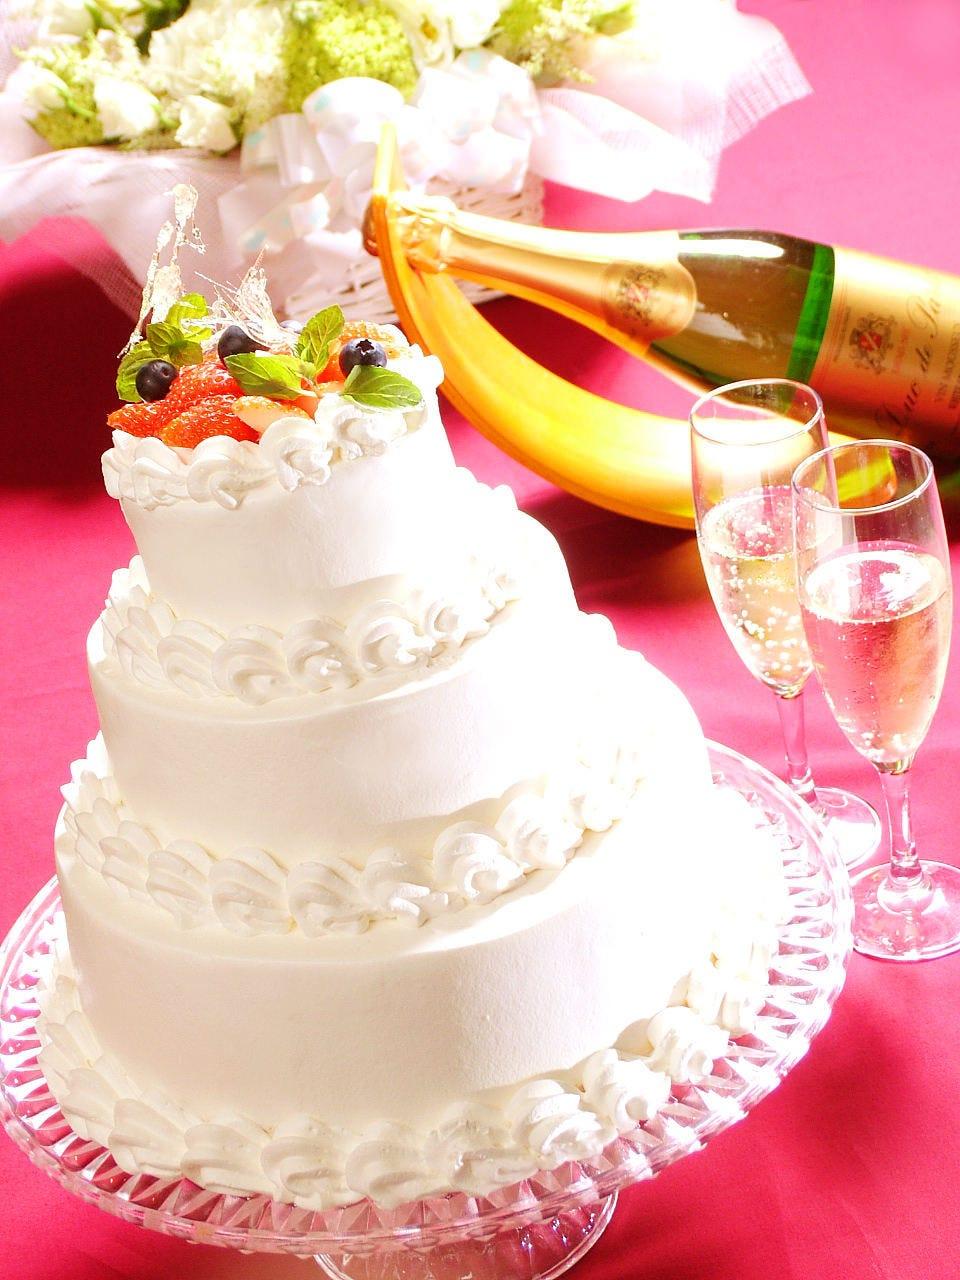 ★結婚式2次会★120分飲み放題込み料理8品 3500円